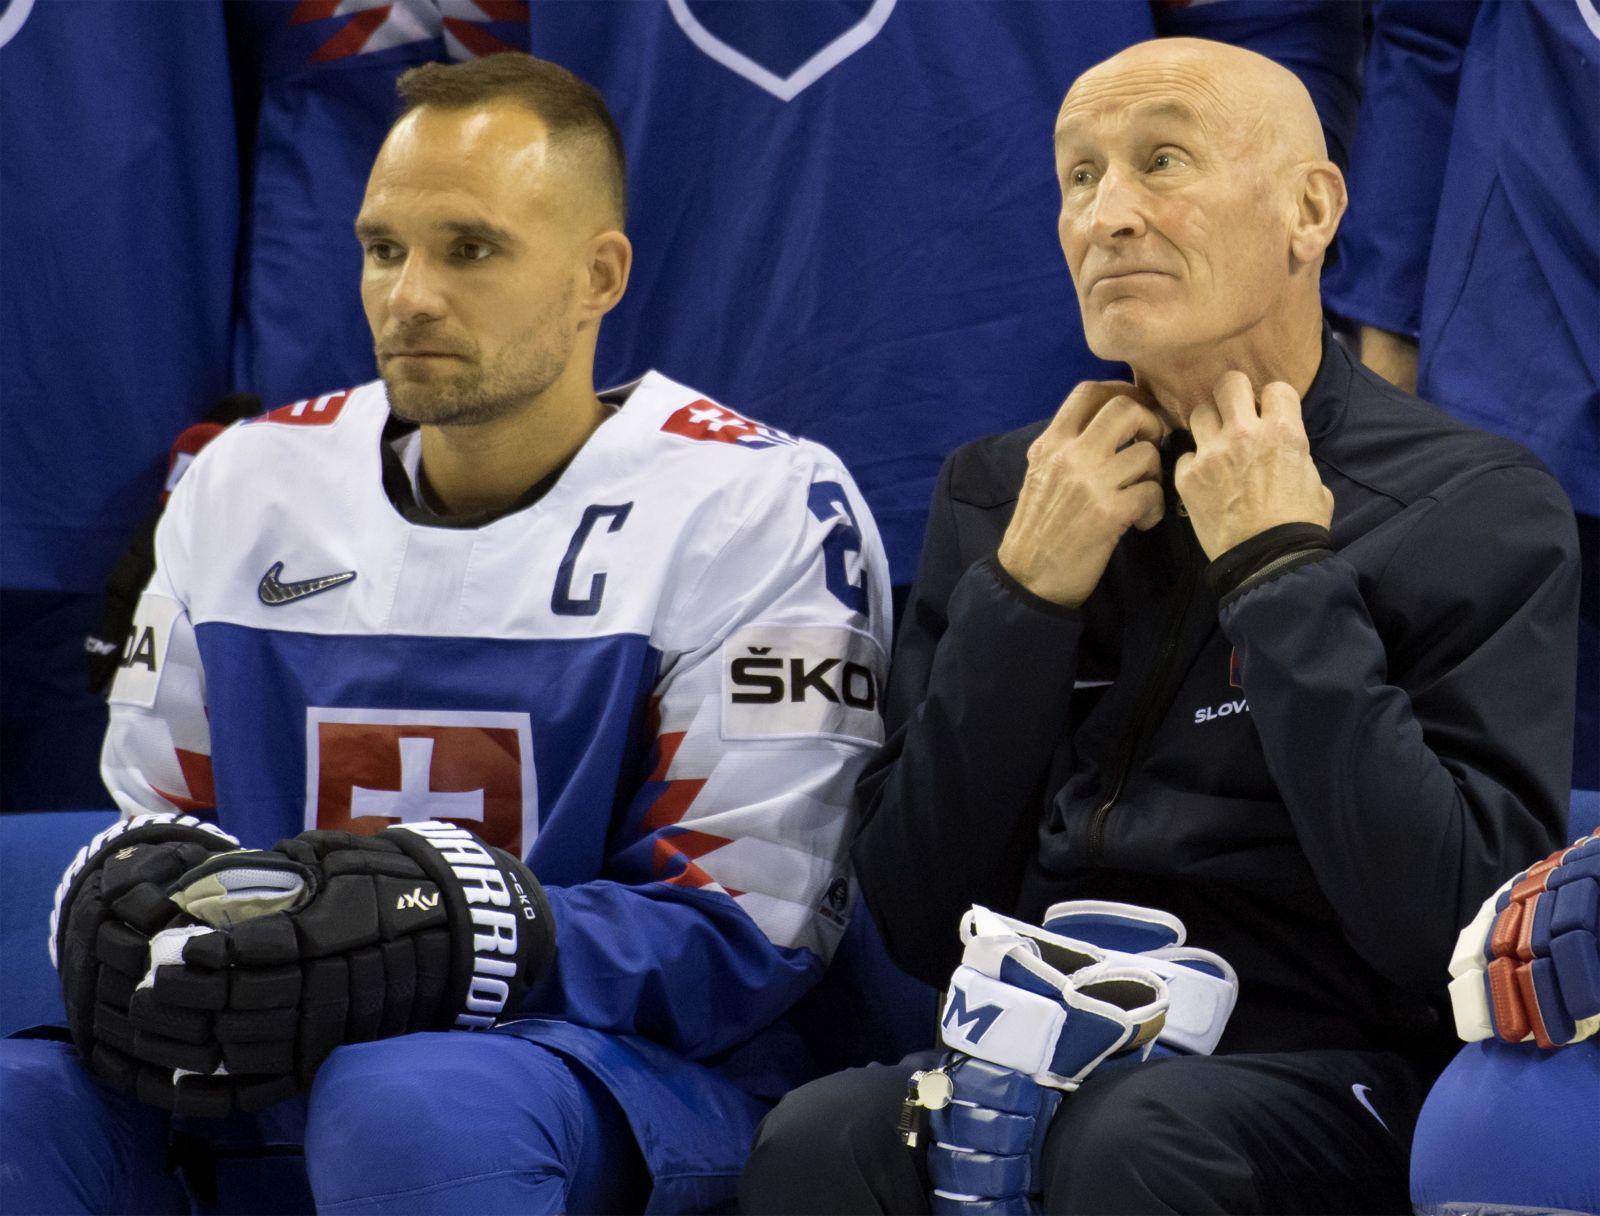 3f56be911503 Craig Ramsay nebude pokračovať ako tréner slovenskej hokejovej reprezentácie